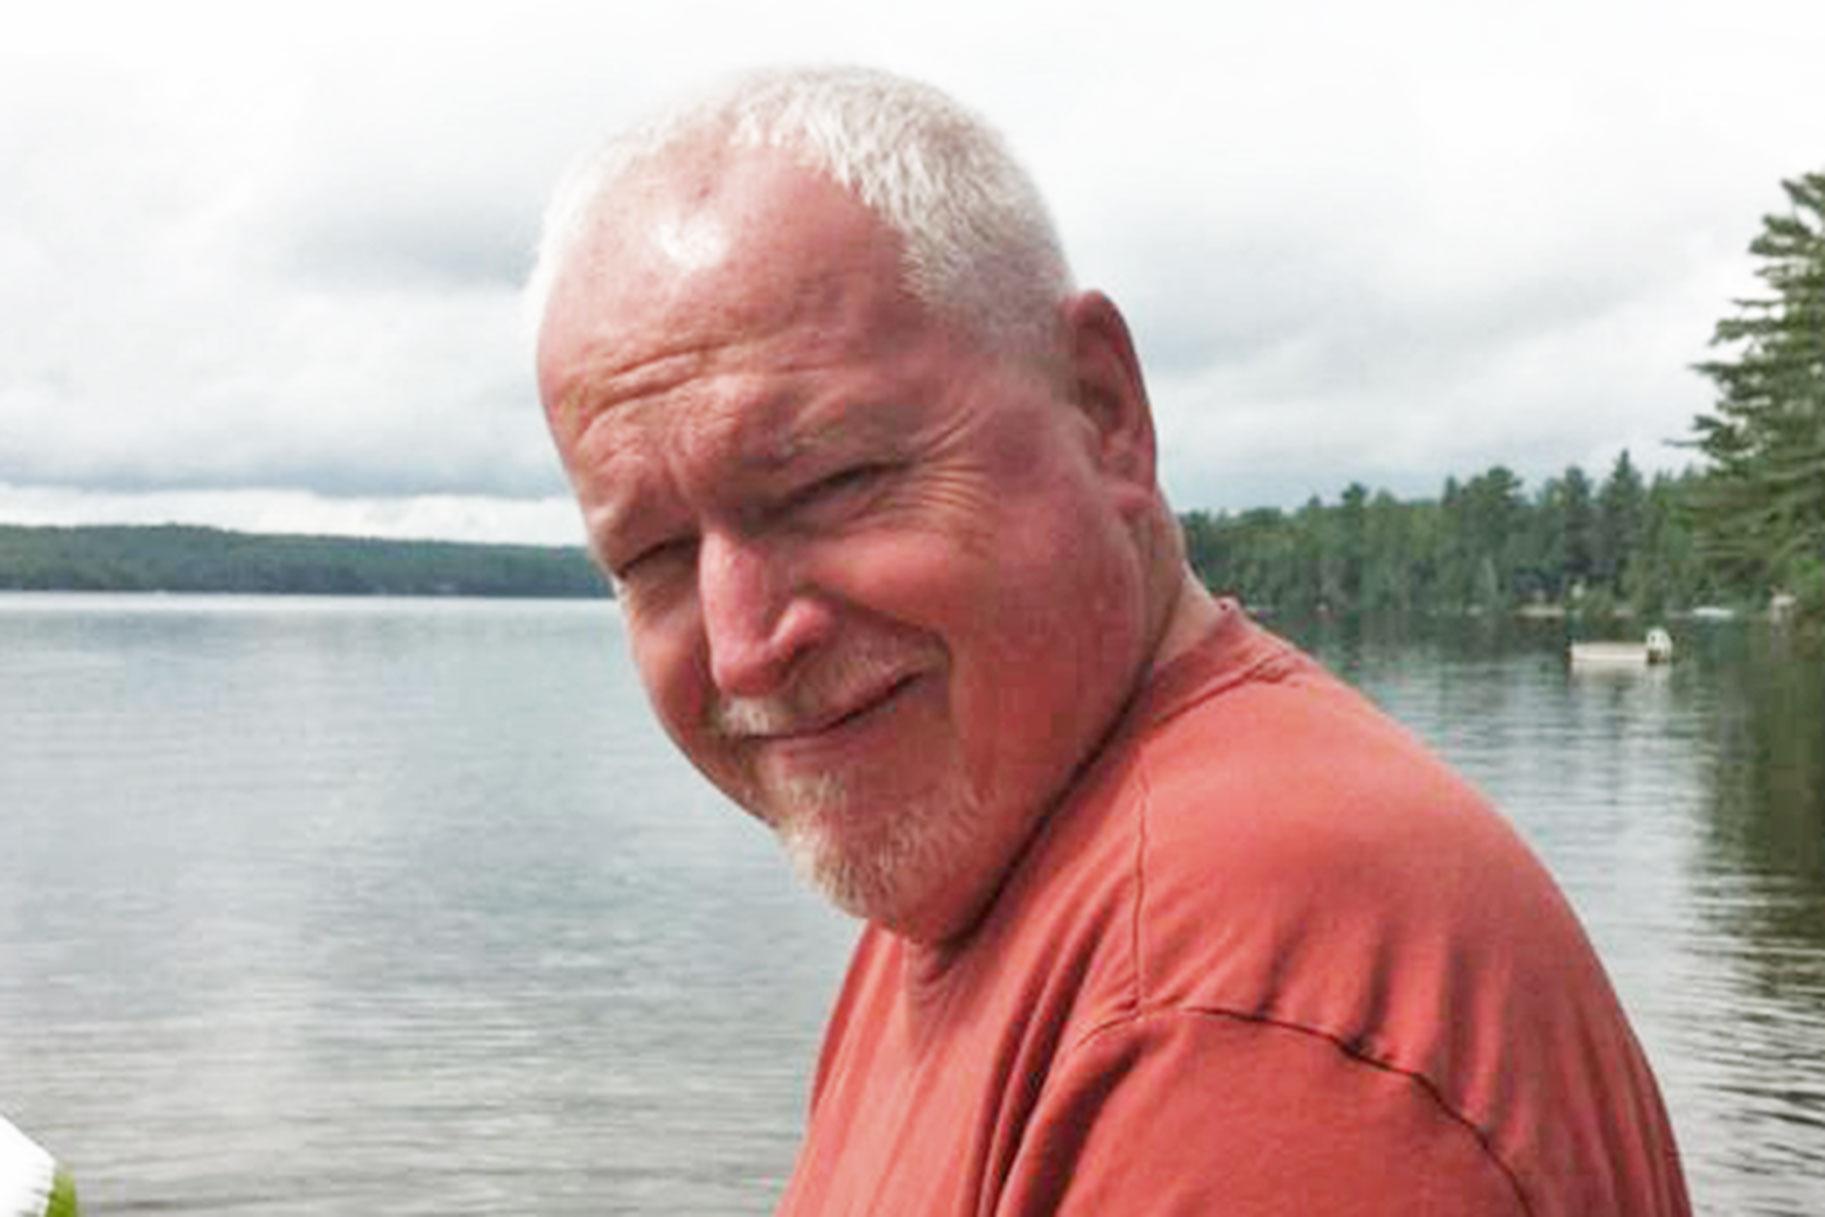 Després de 3 homes desapareguts de Toronto, els investigadors van considerar un assassí de caníbals